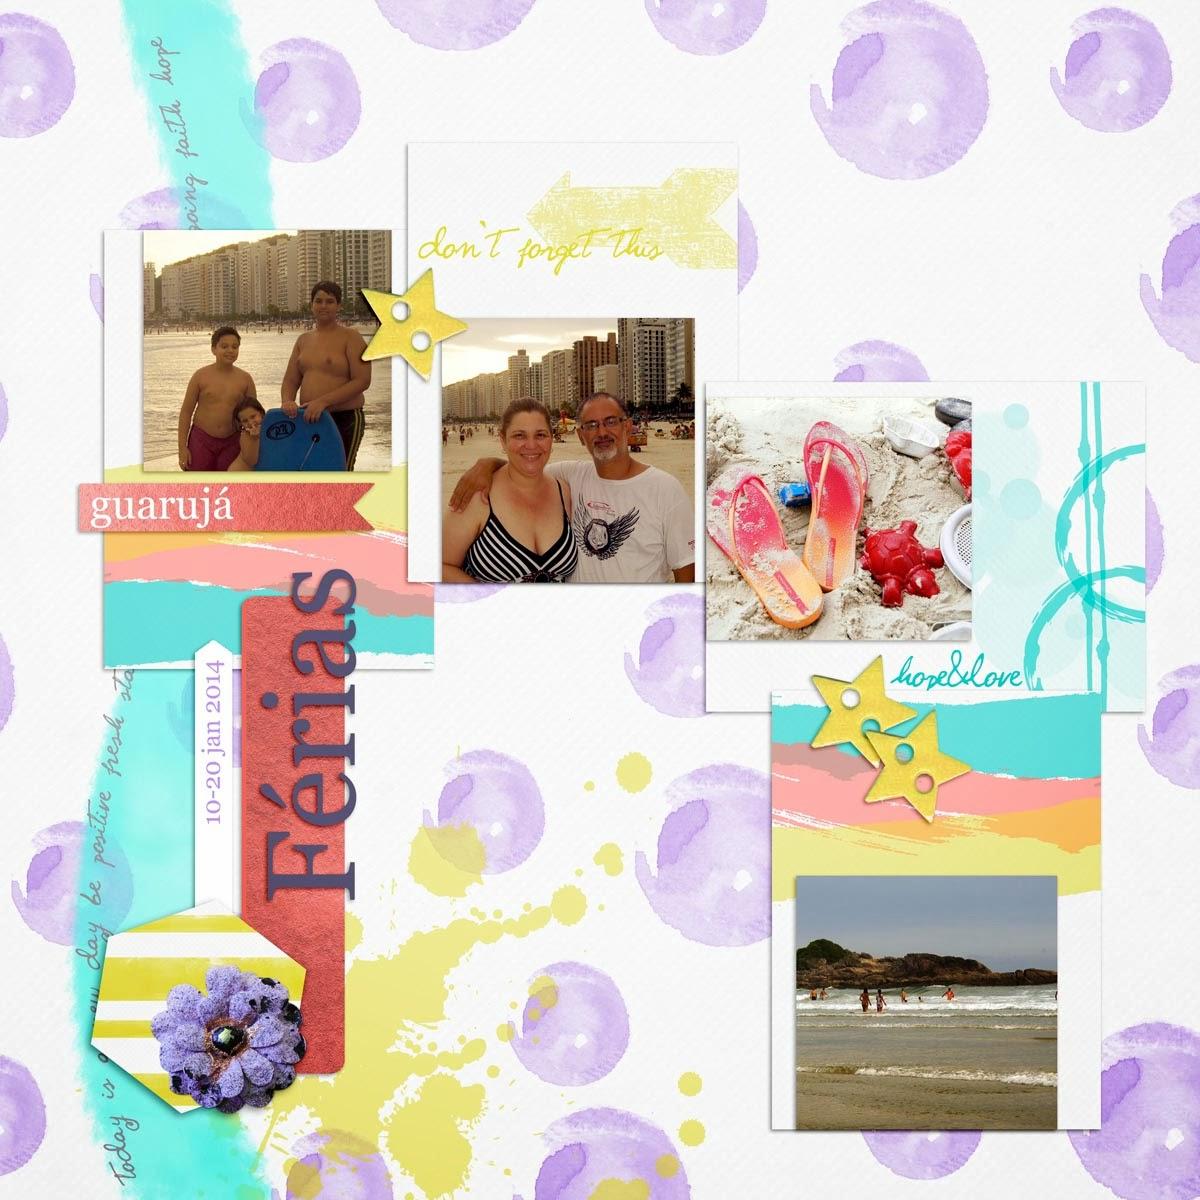 http://4.bp.blogspot.com/-B33Yc9_NQmI/Uuvx8iMnHrI/AAAAAAAACS0/0of7u3H5rWI/s1600/JoyD+3.jpg